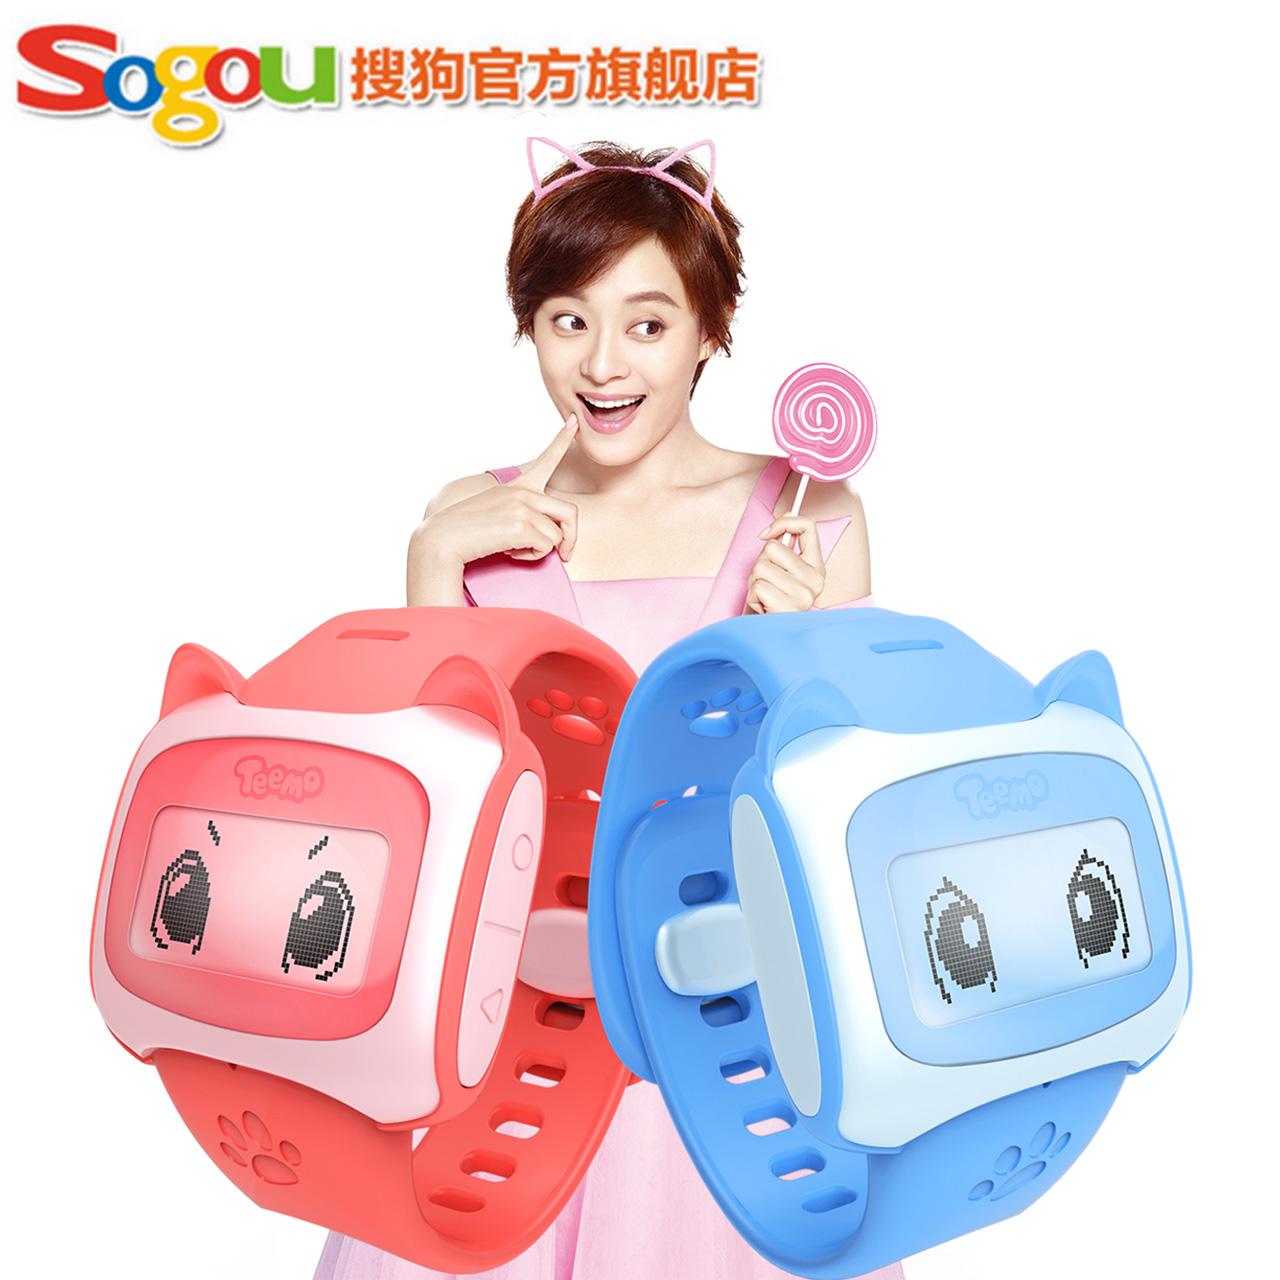 Sogou/搜狗 智能手表怎么样,质量如何,好用吗